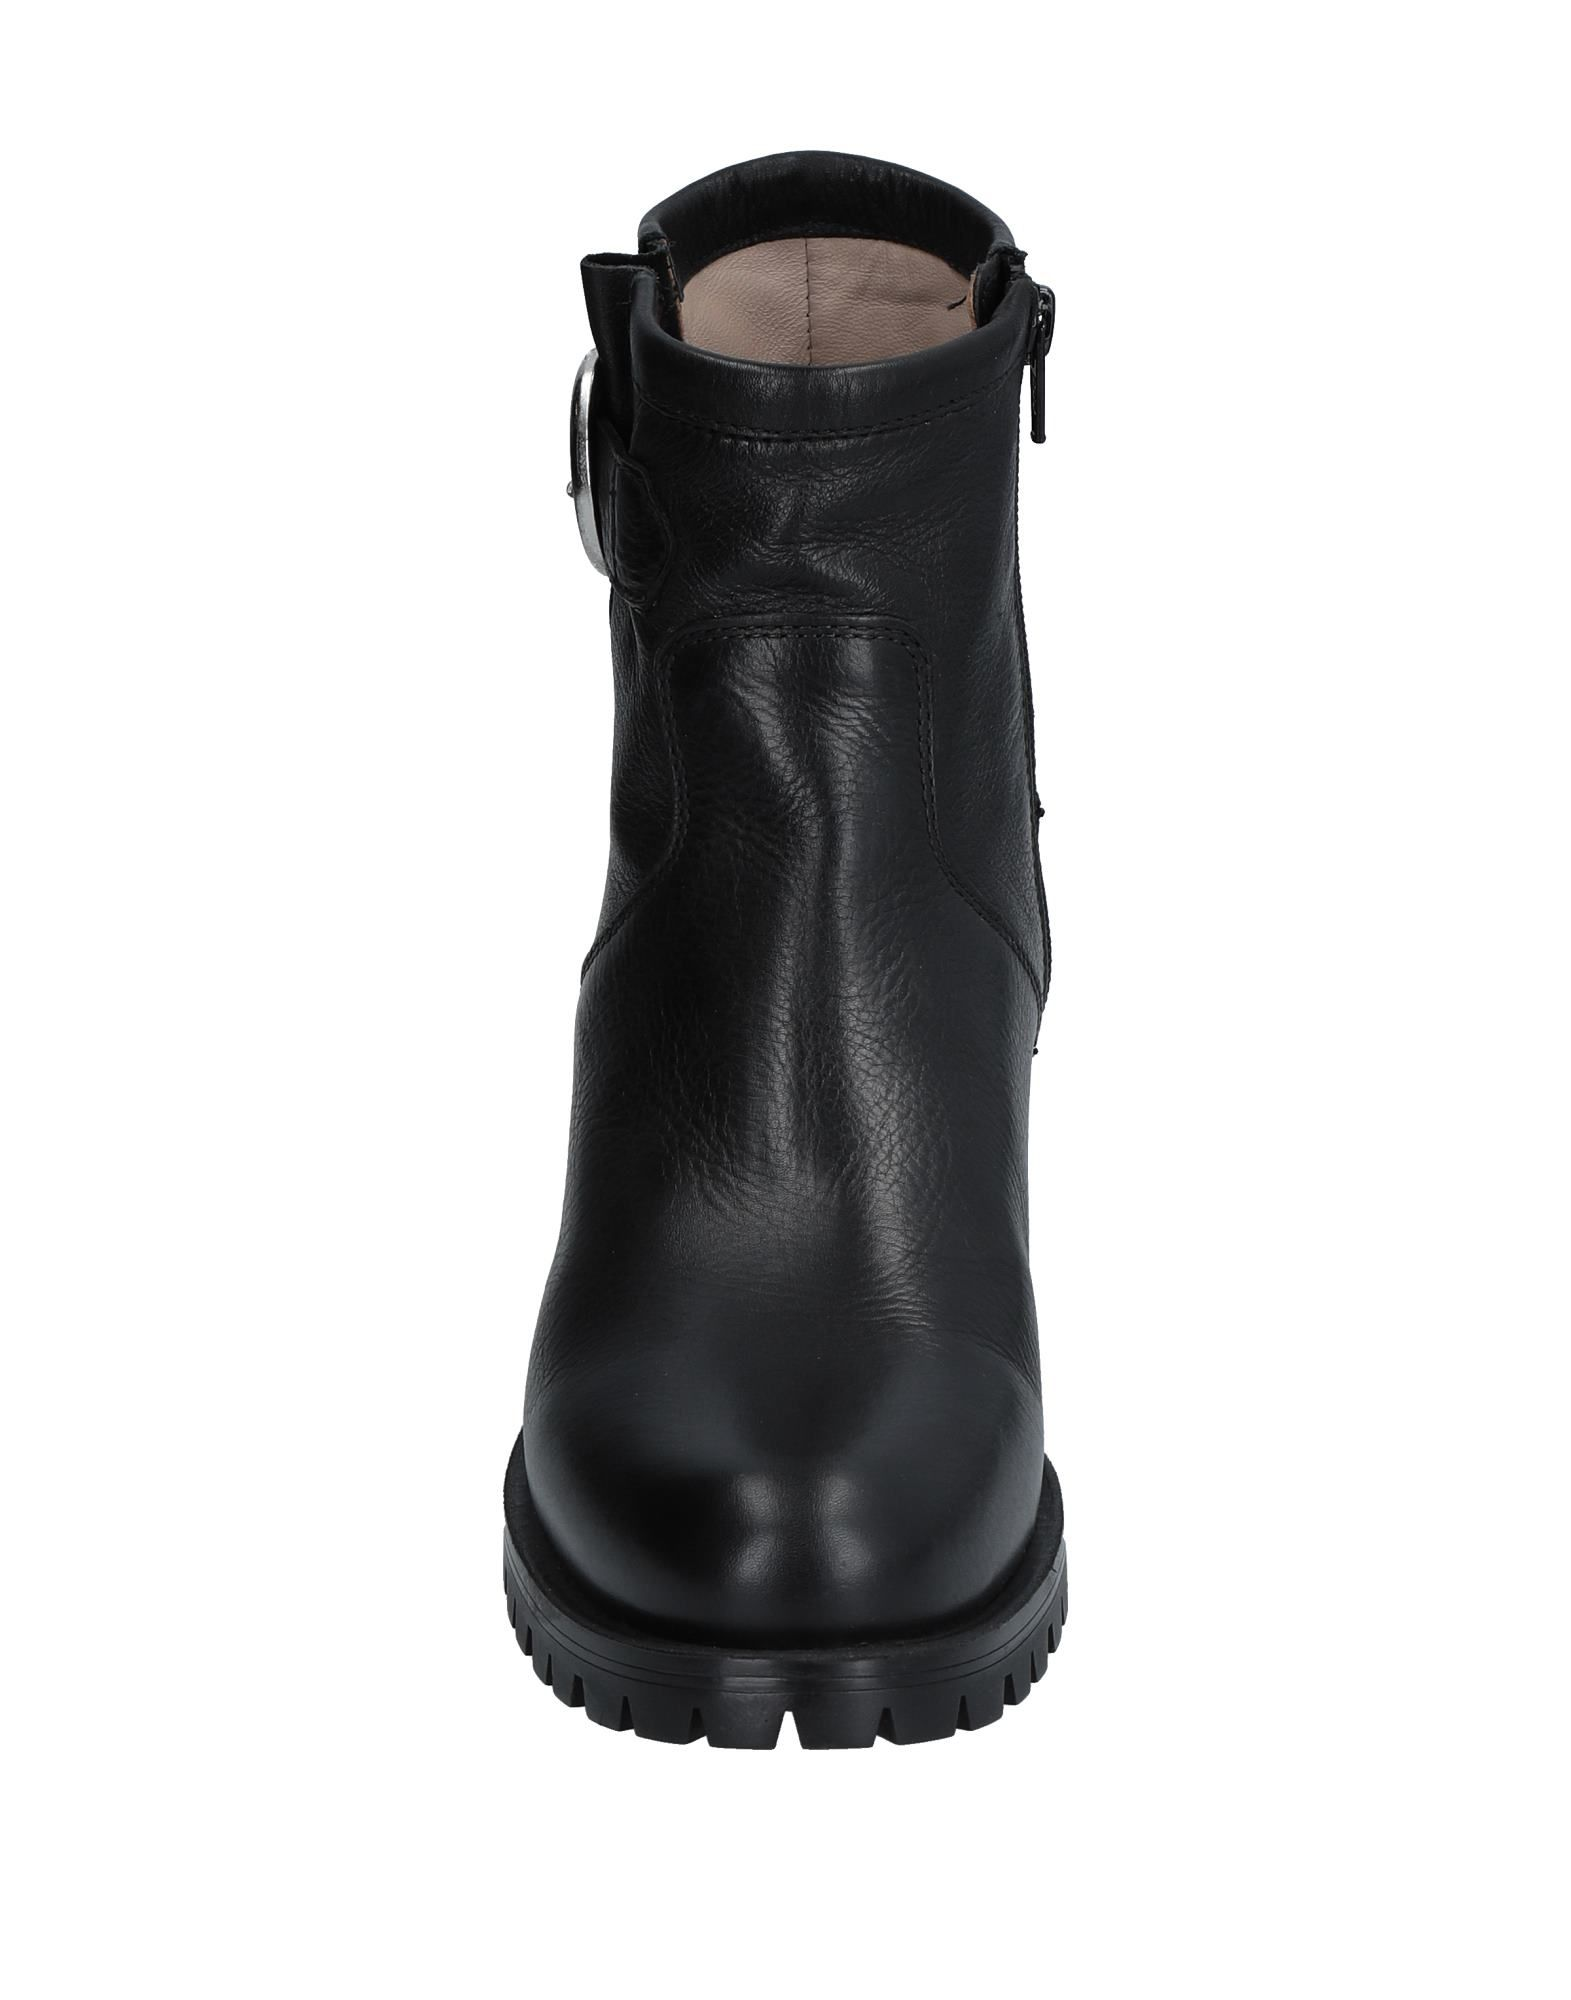 Gut um Stiefelette billige Schuhe zu tragenUnisa Stiefelette um Damen  11529446XJ b10f10